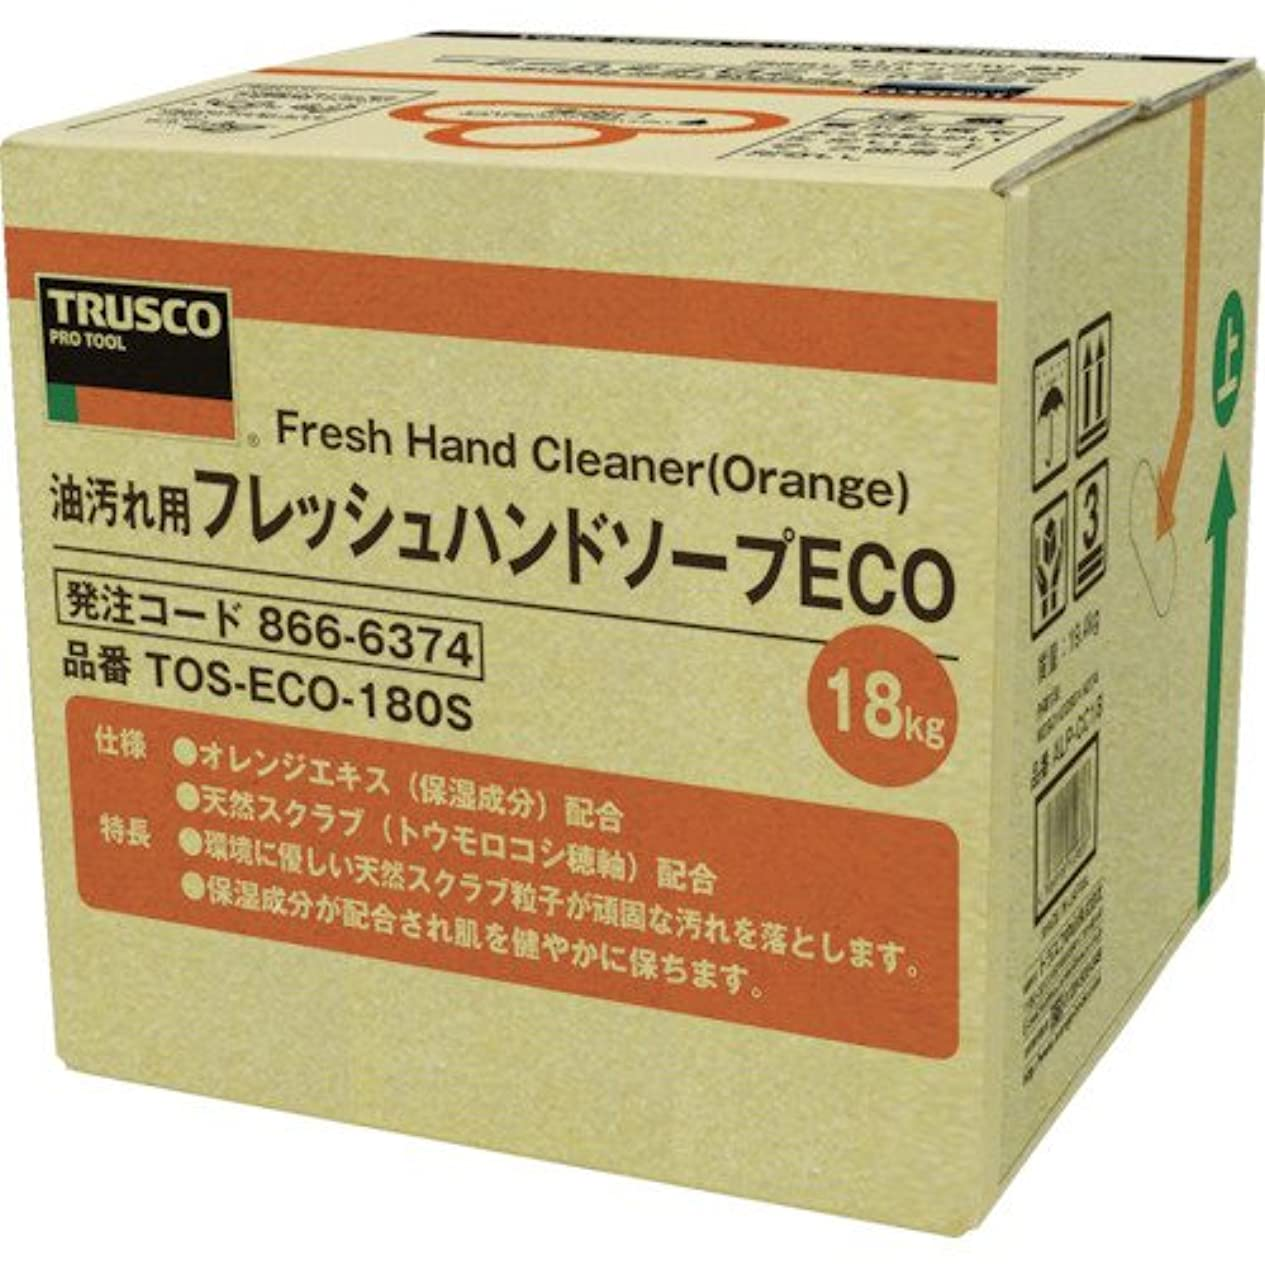 さびたコミット項目トラスコ中山 株 TRUSCO フレッシュハンドソープ 18L 詰替 バッグインボックス TOS-ECO-180S